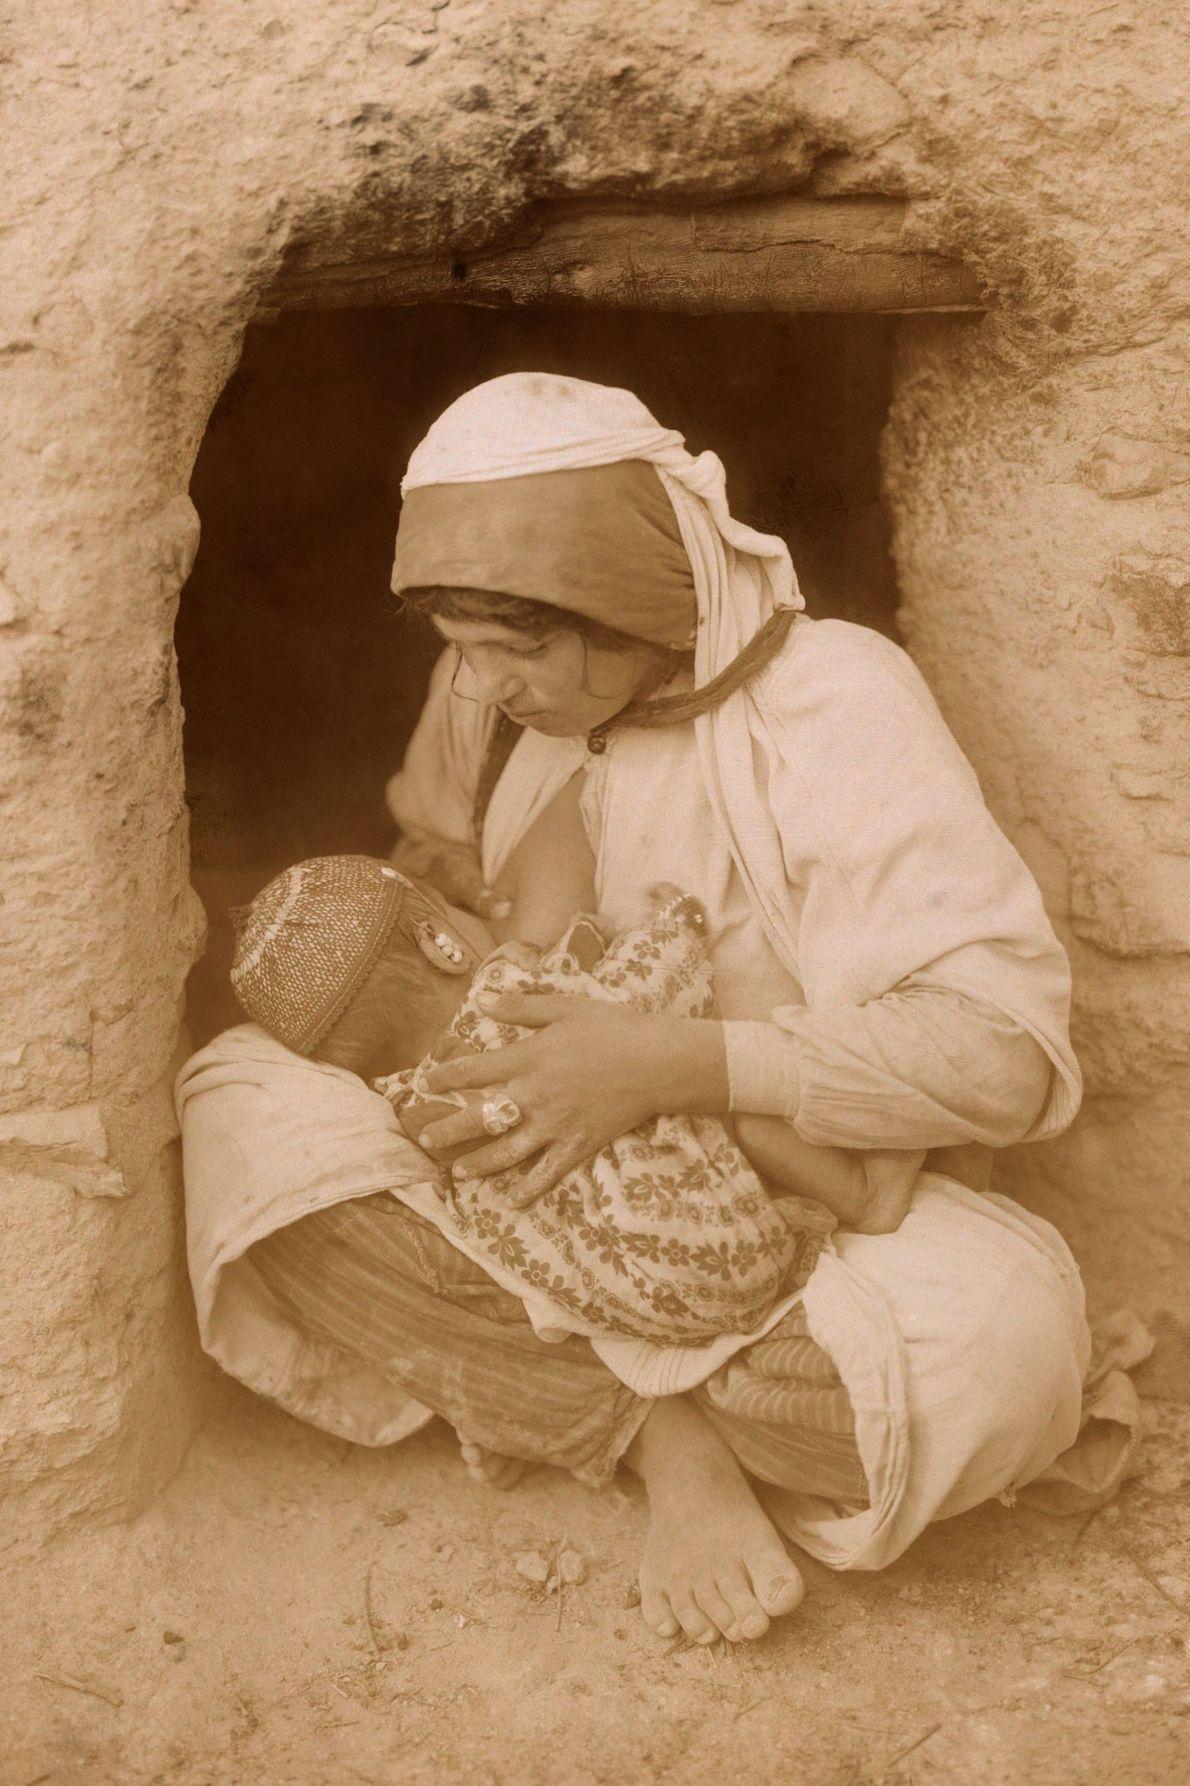 Am Eingang ihres Zuhauses stillt eine Frau im Nahen Osten ihr Kind.